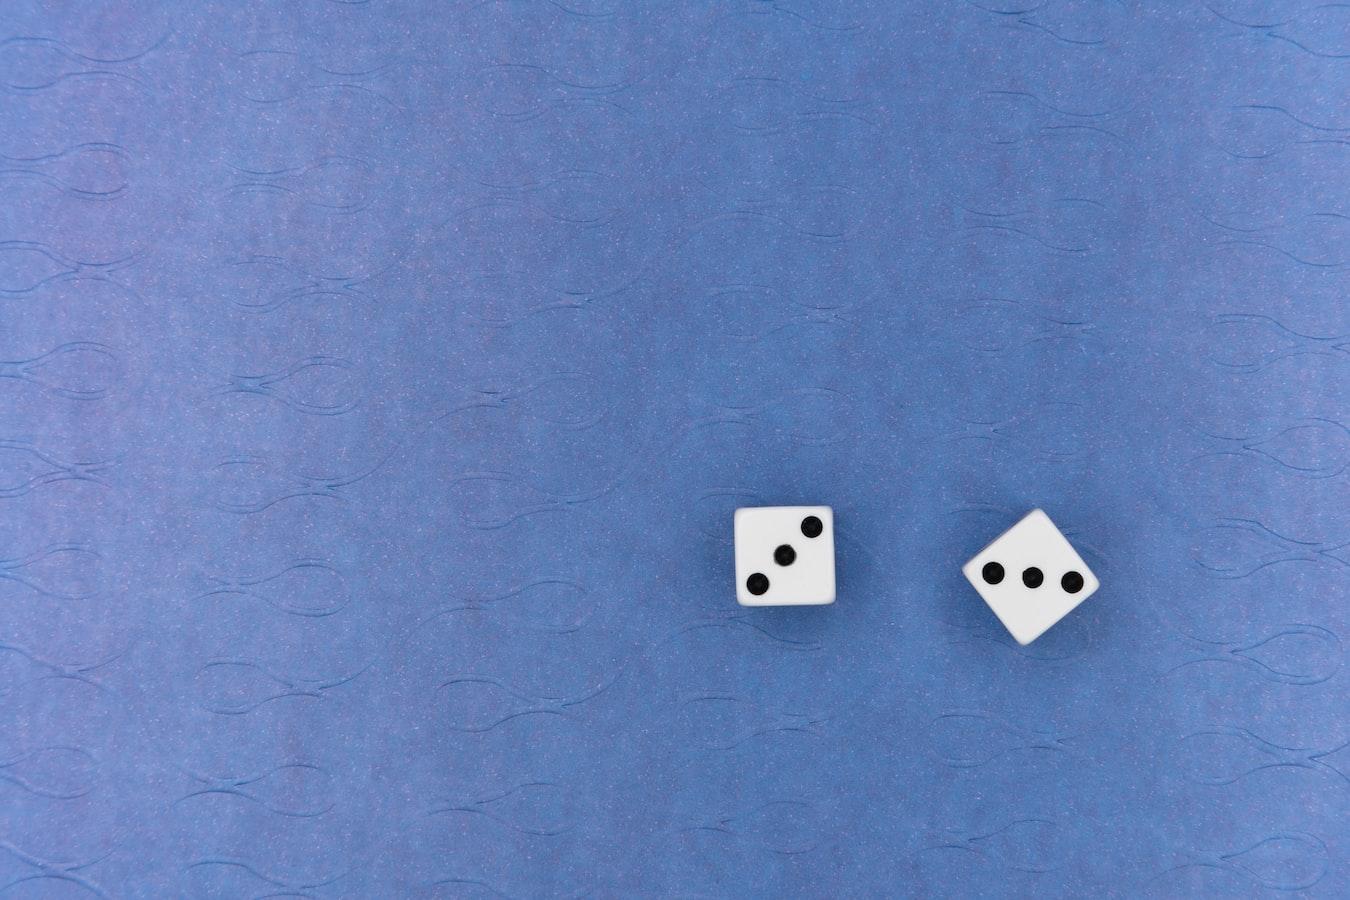 Twee dobbelstenen geven een totaalwaarde van 9 ogen weer